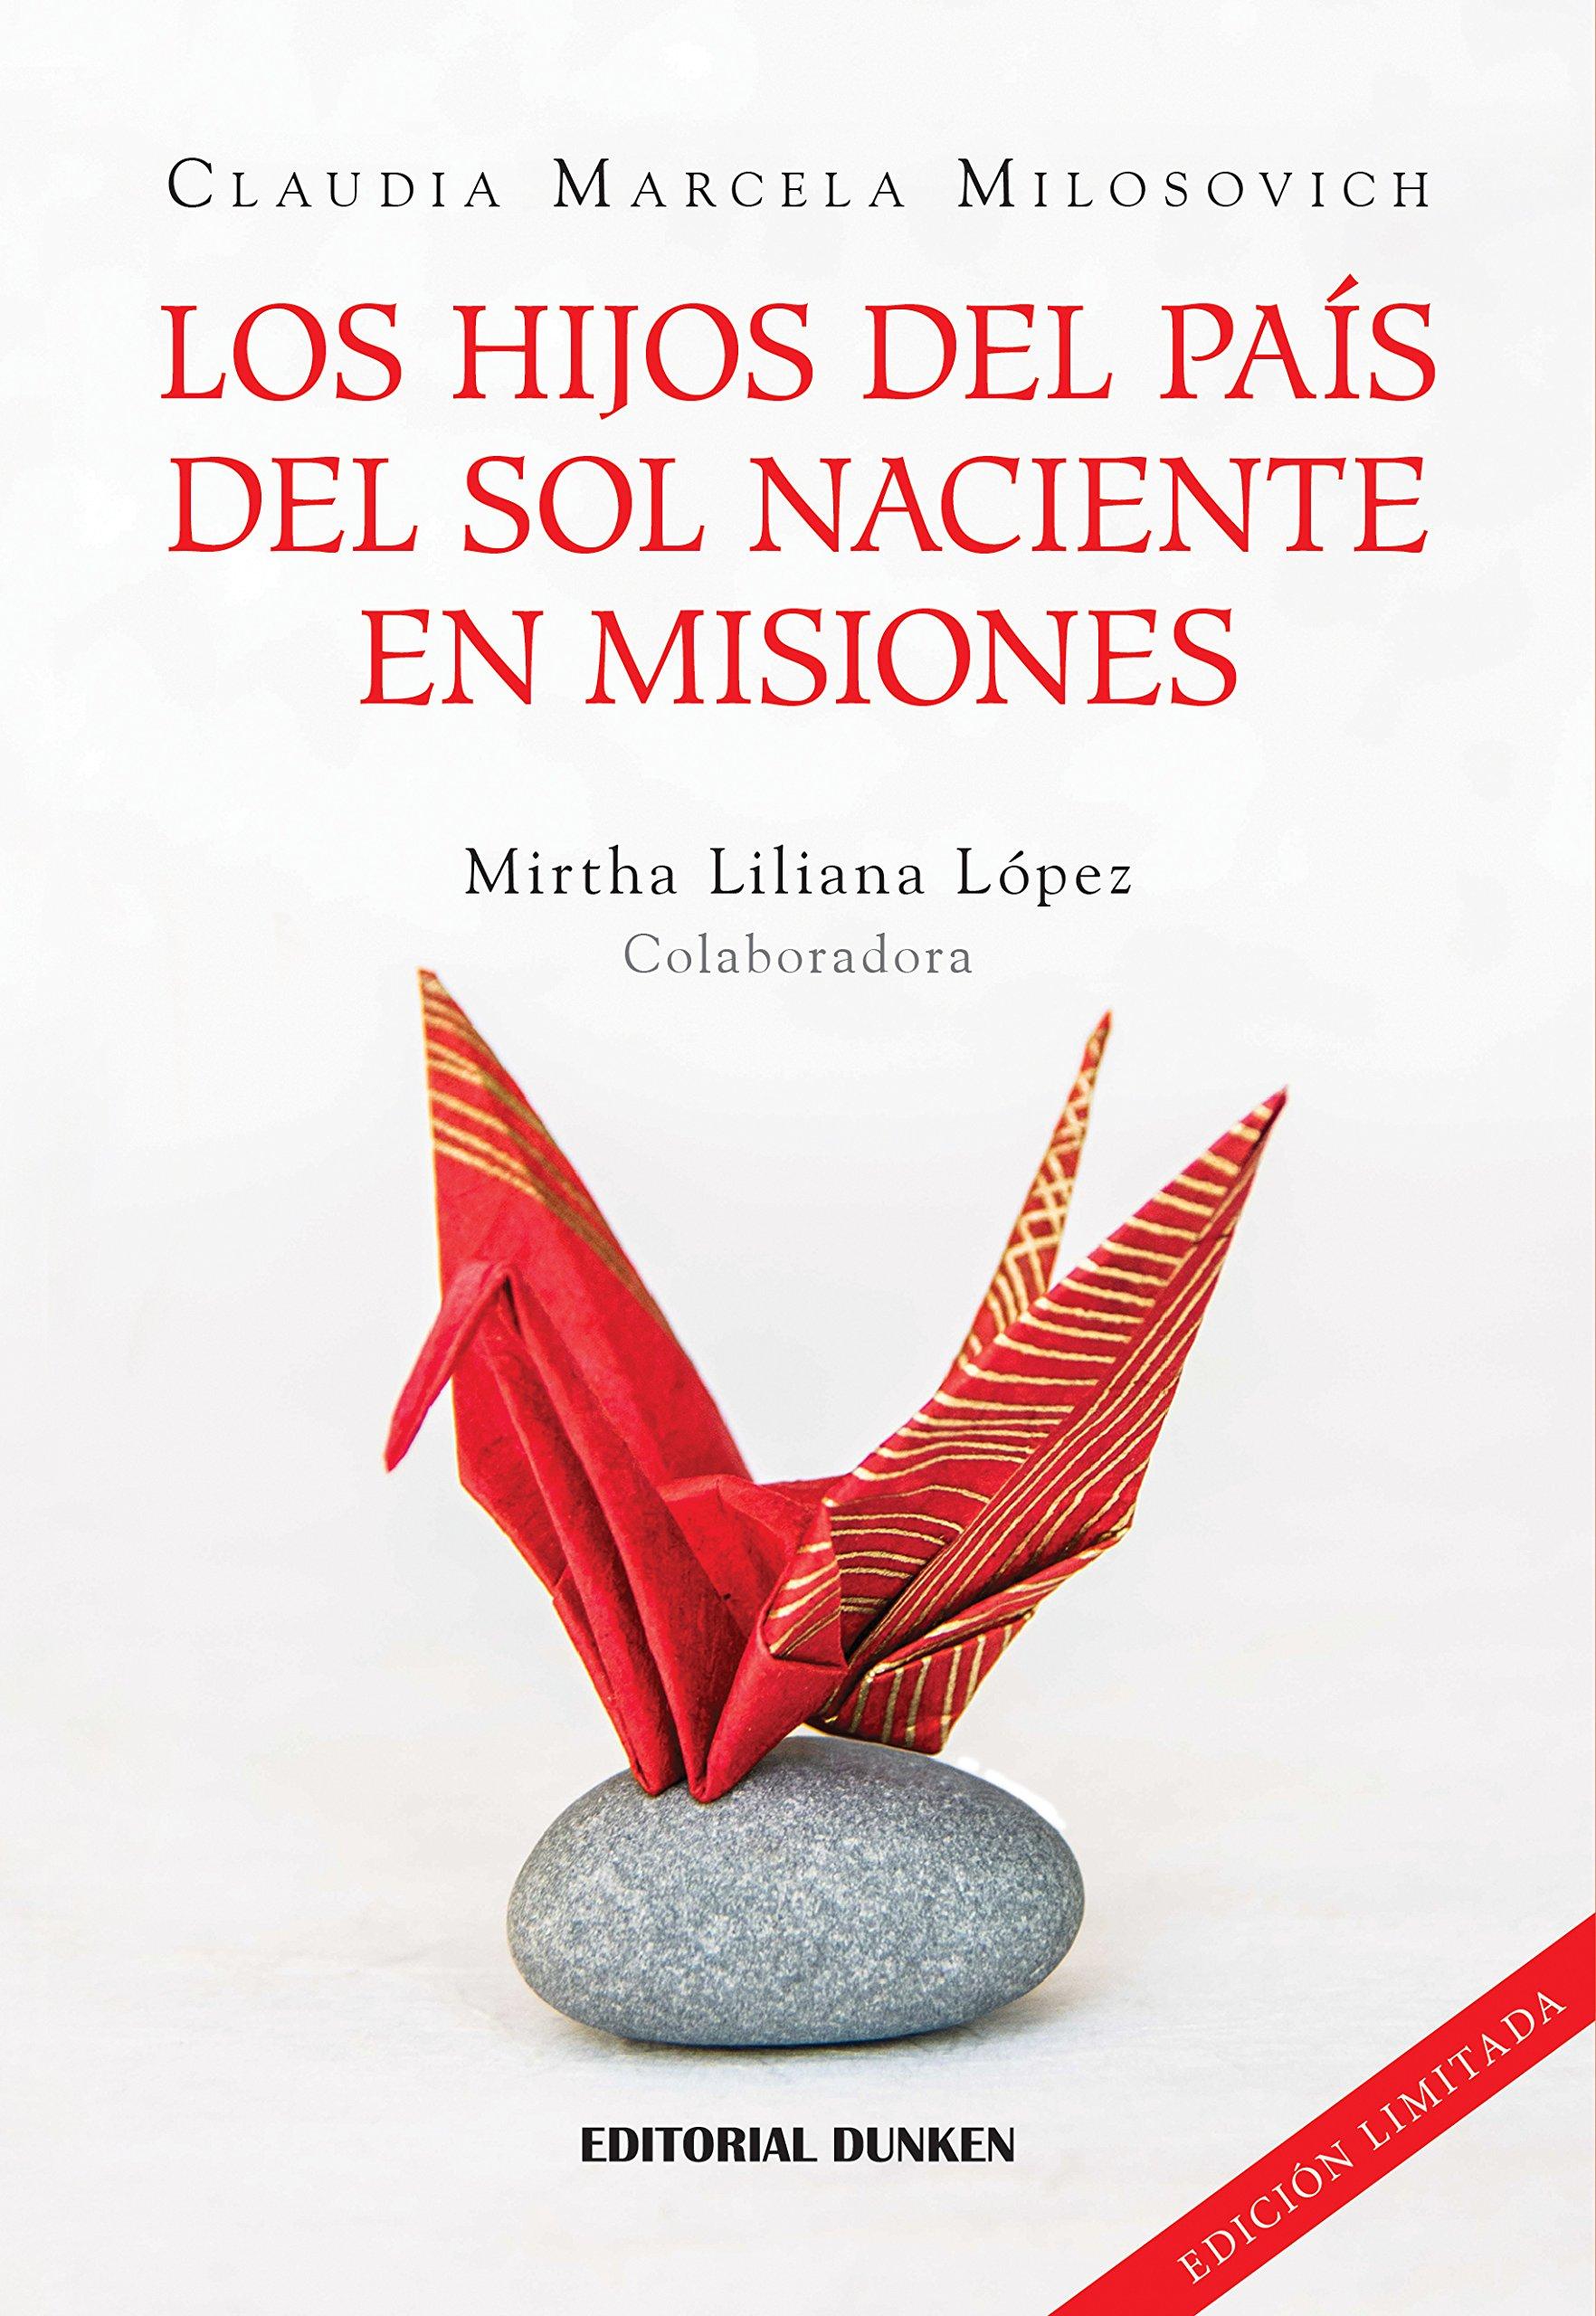 Los hijos del país del sol naciente en Misiones: Milosovich Claudia: 9789870295761: Amazon.com: Books